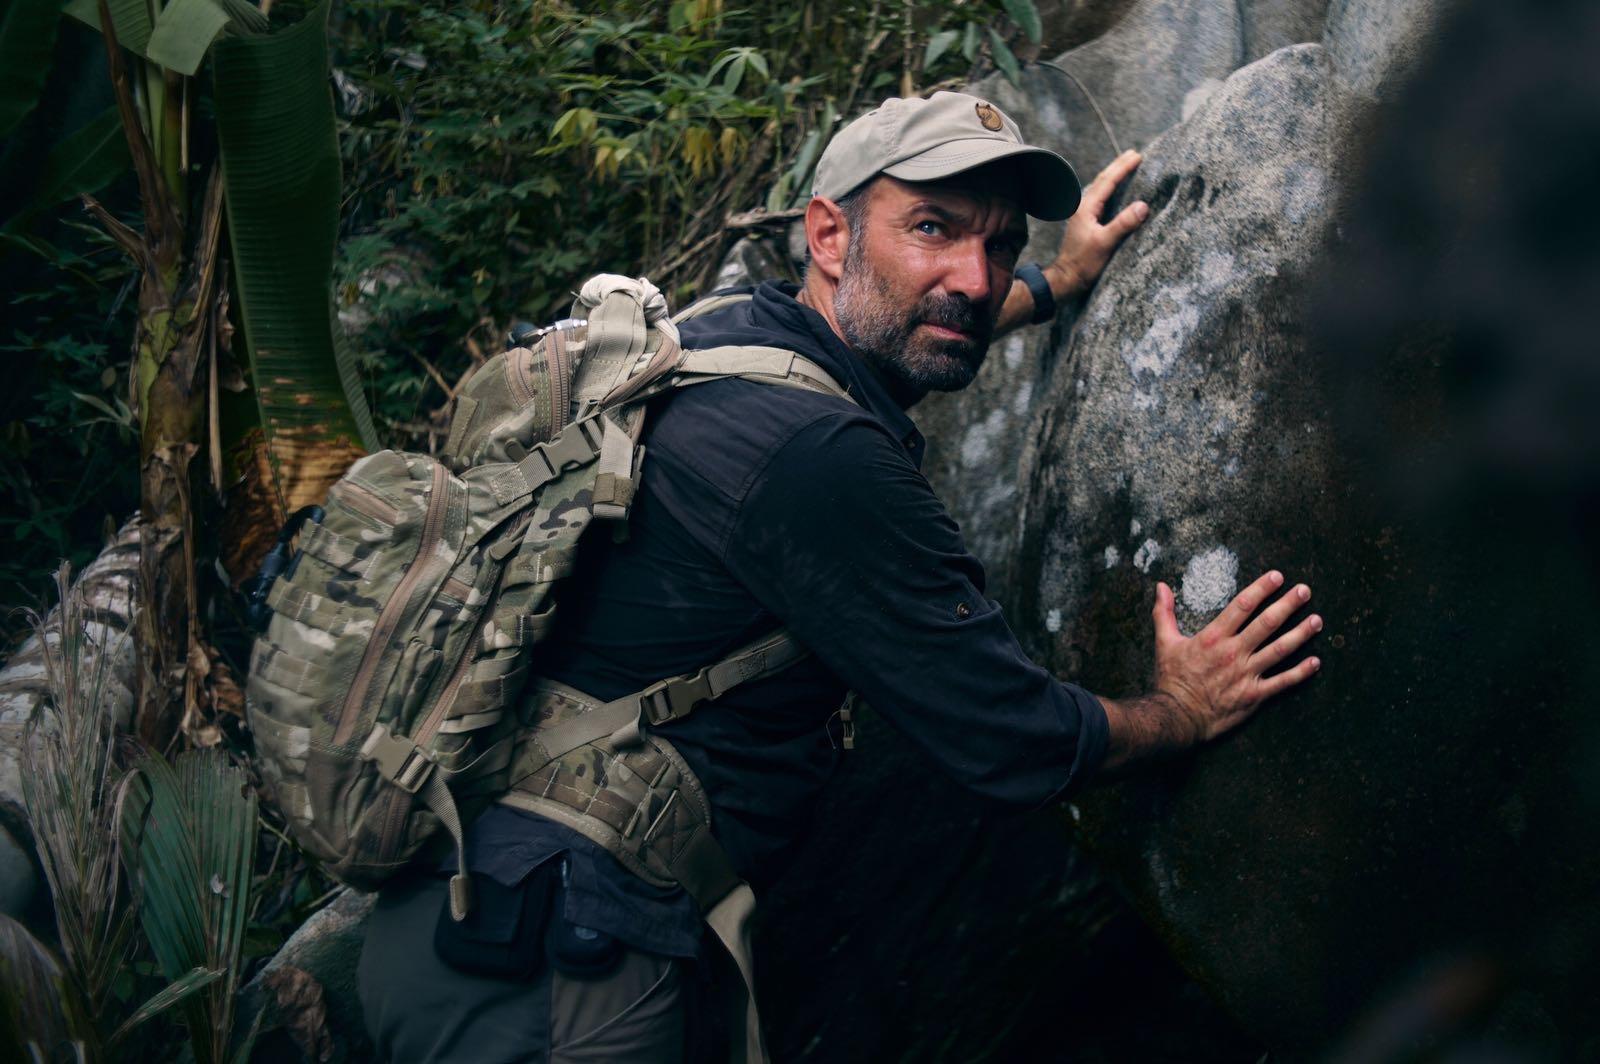 Mungo presents Expedition MUNGO